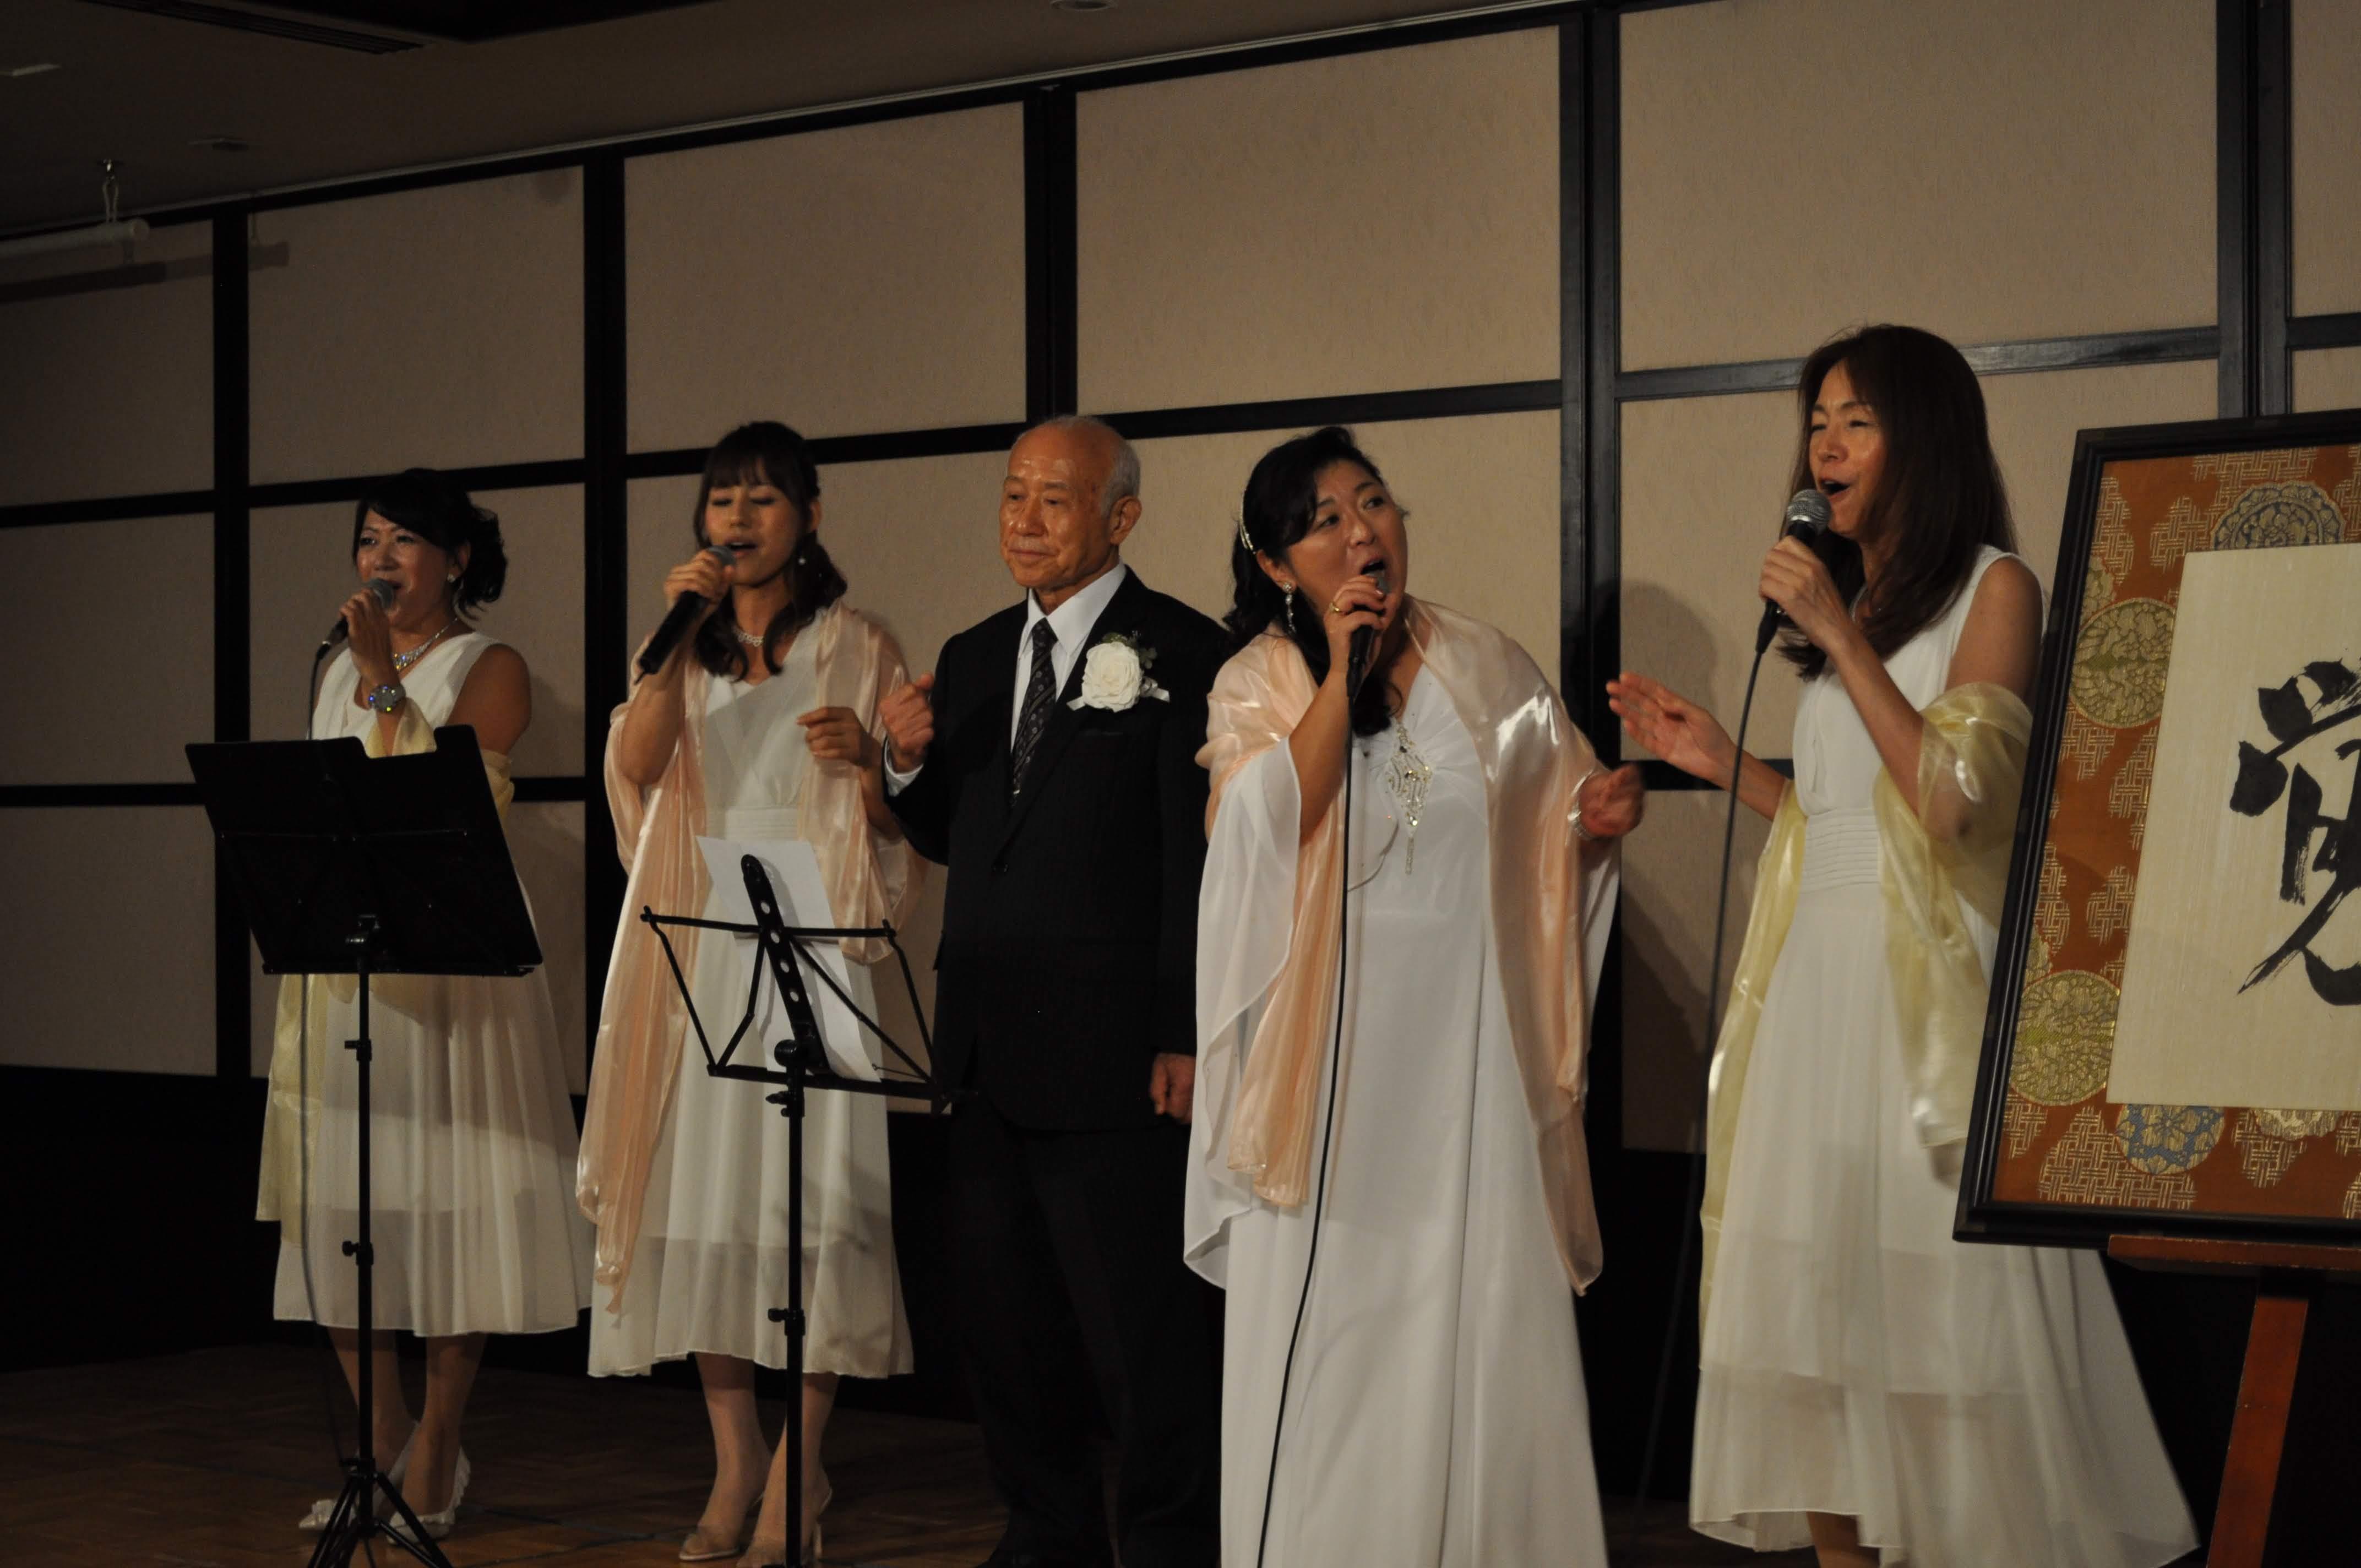 DSC 0529 1 - 思風会全国大会in広島